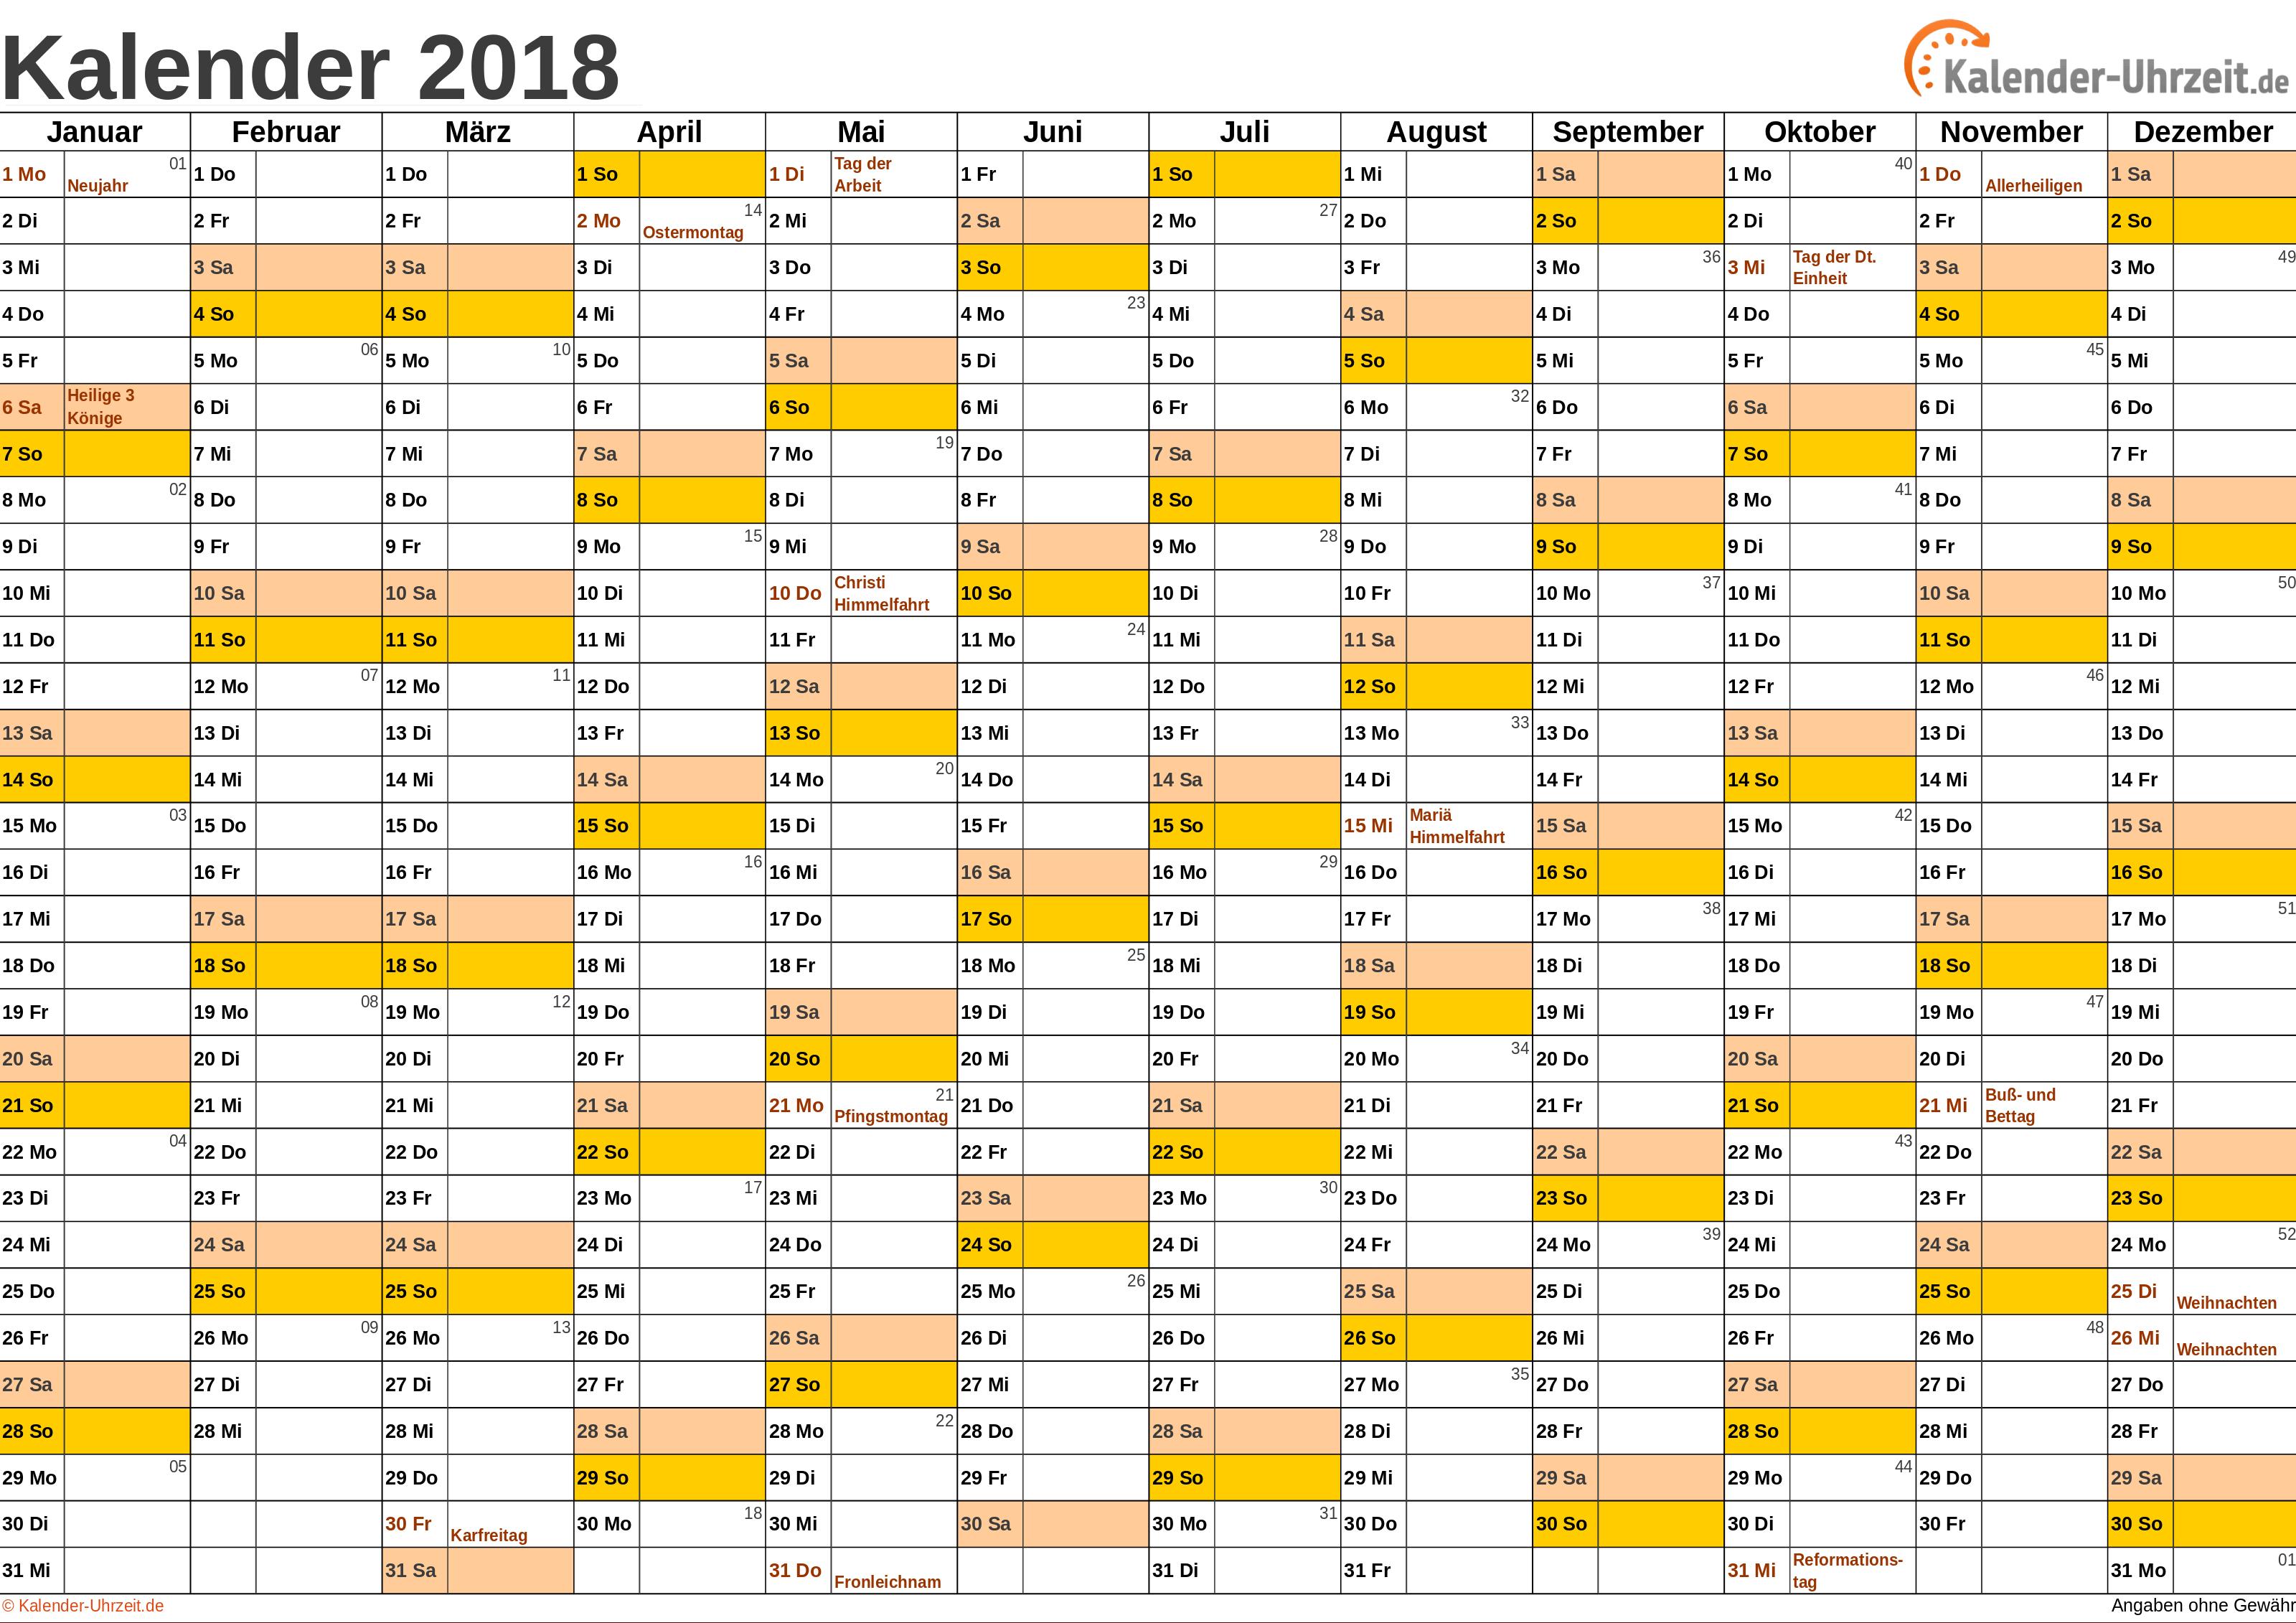 Kalender 2018Vorlage